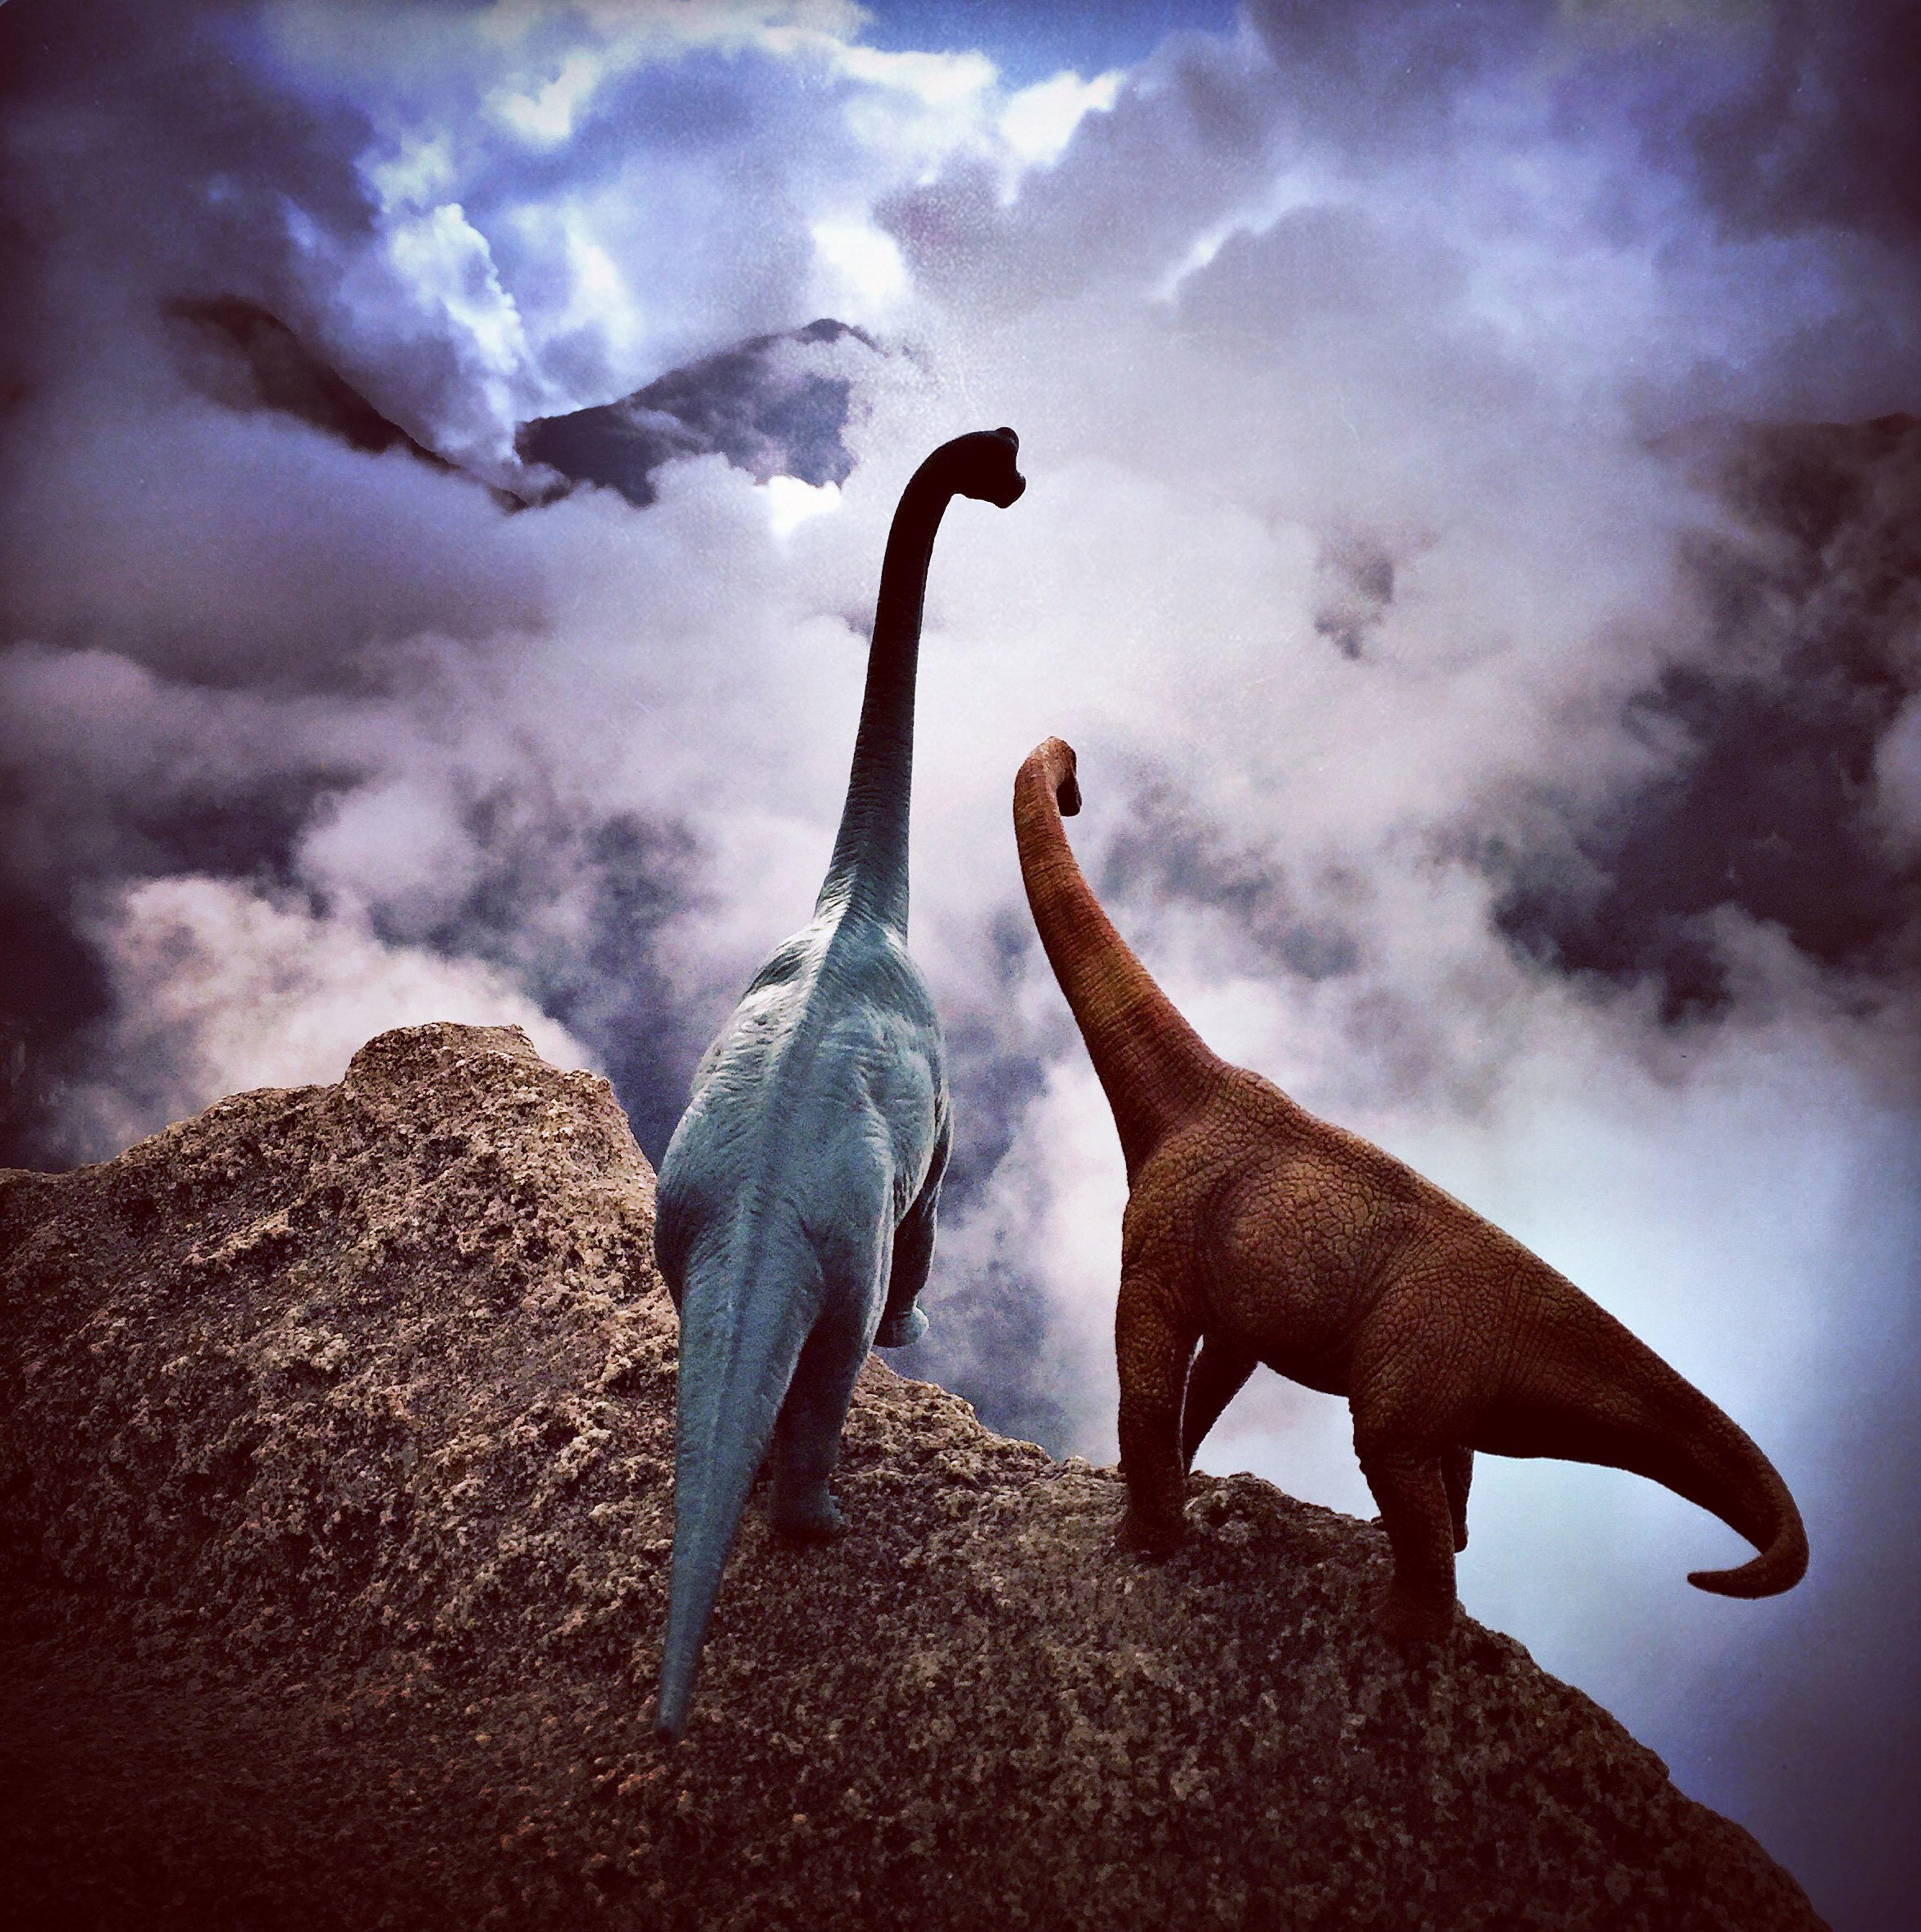 飛行機に乗って世界をぐるり どこかほっこりする恐竜たちの旅【画像】